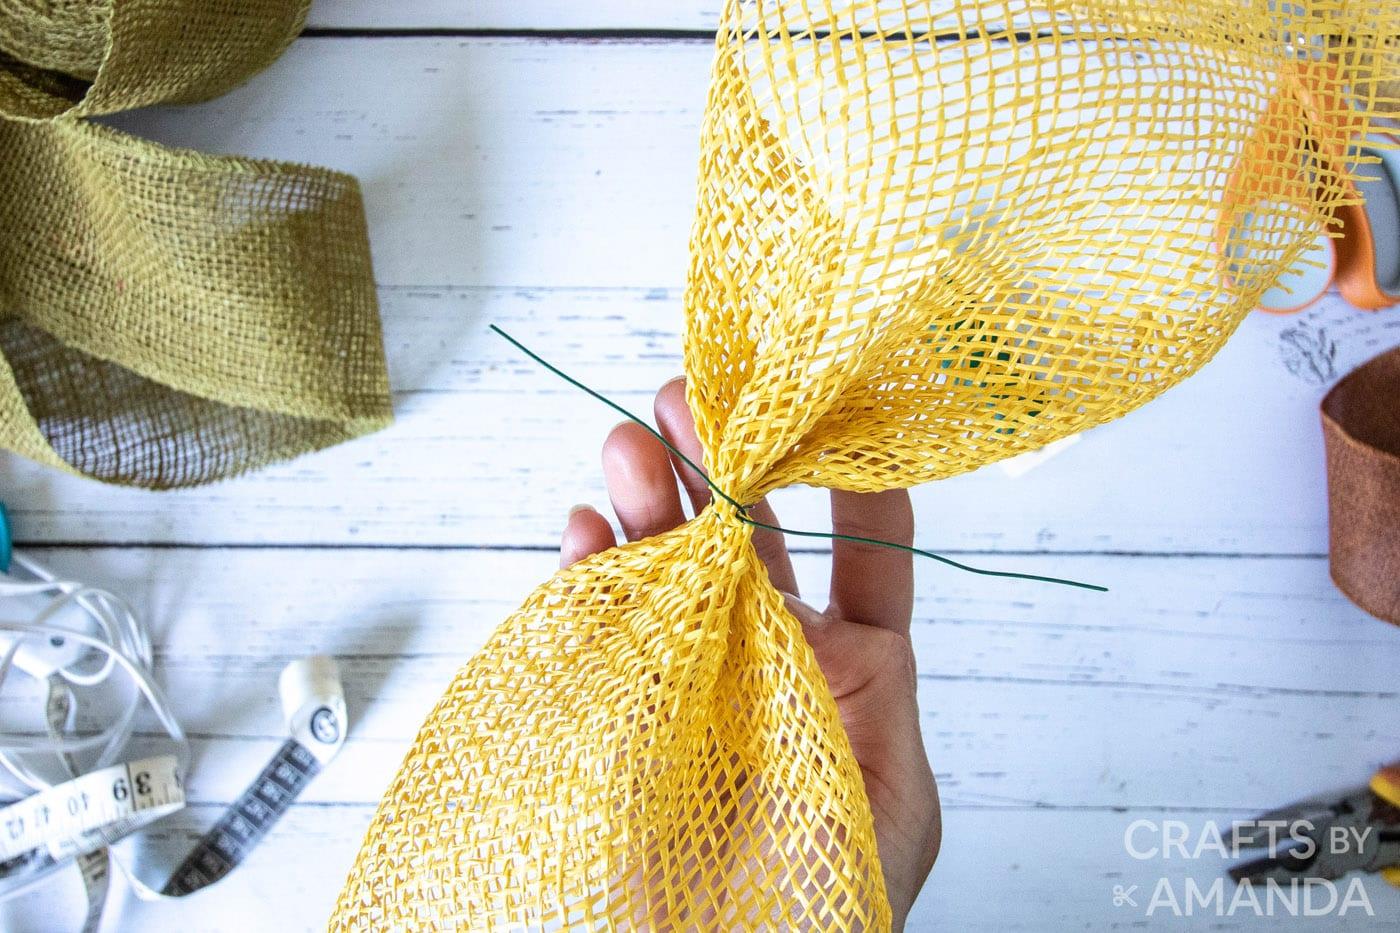 vastzetten van gele jute cinch met bloemendraad